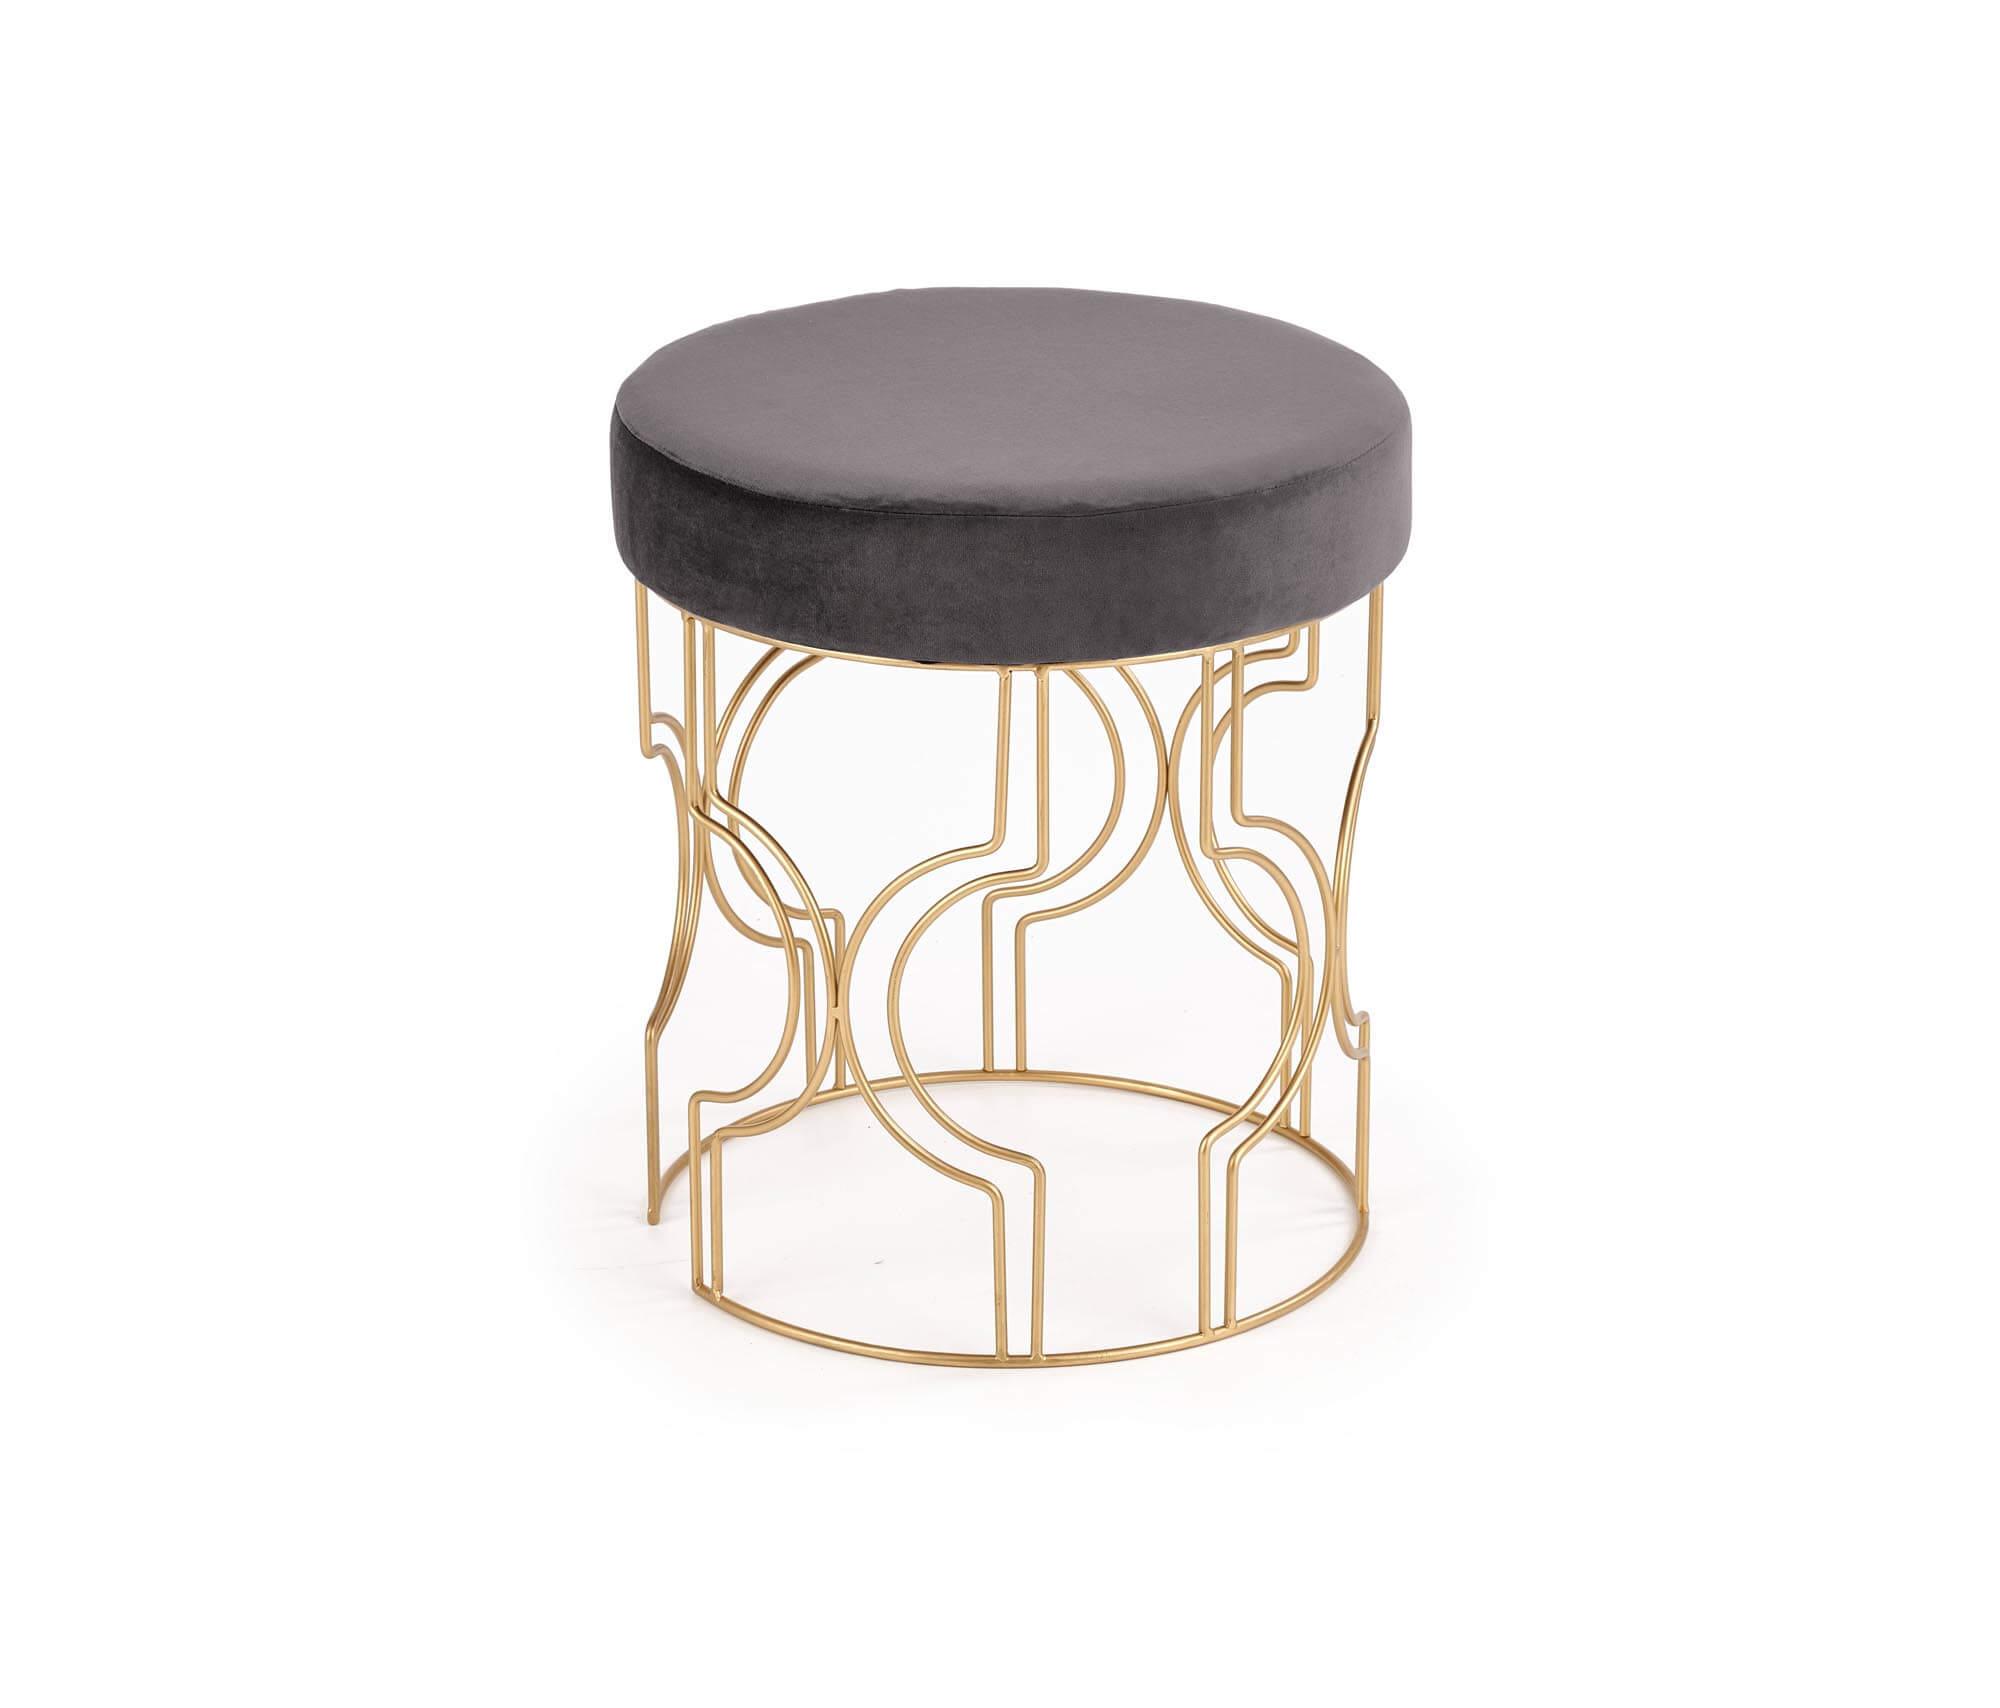 Taburet tapitat Ferrero Velvet Gri / Gold